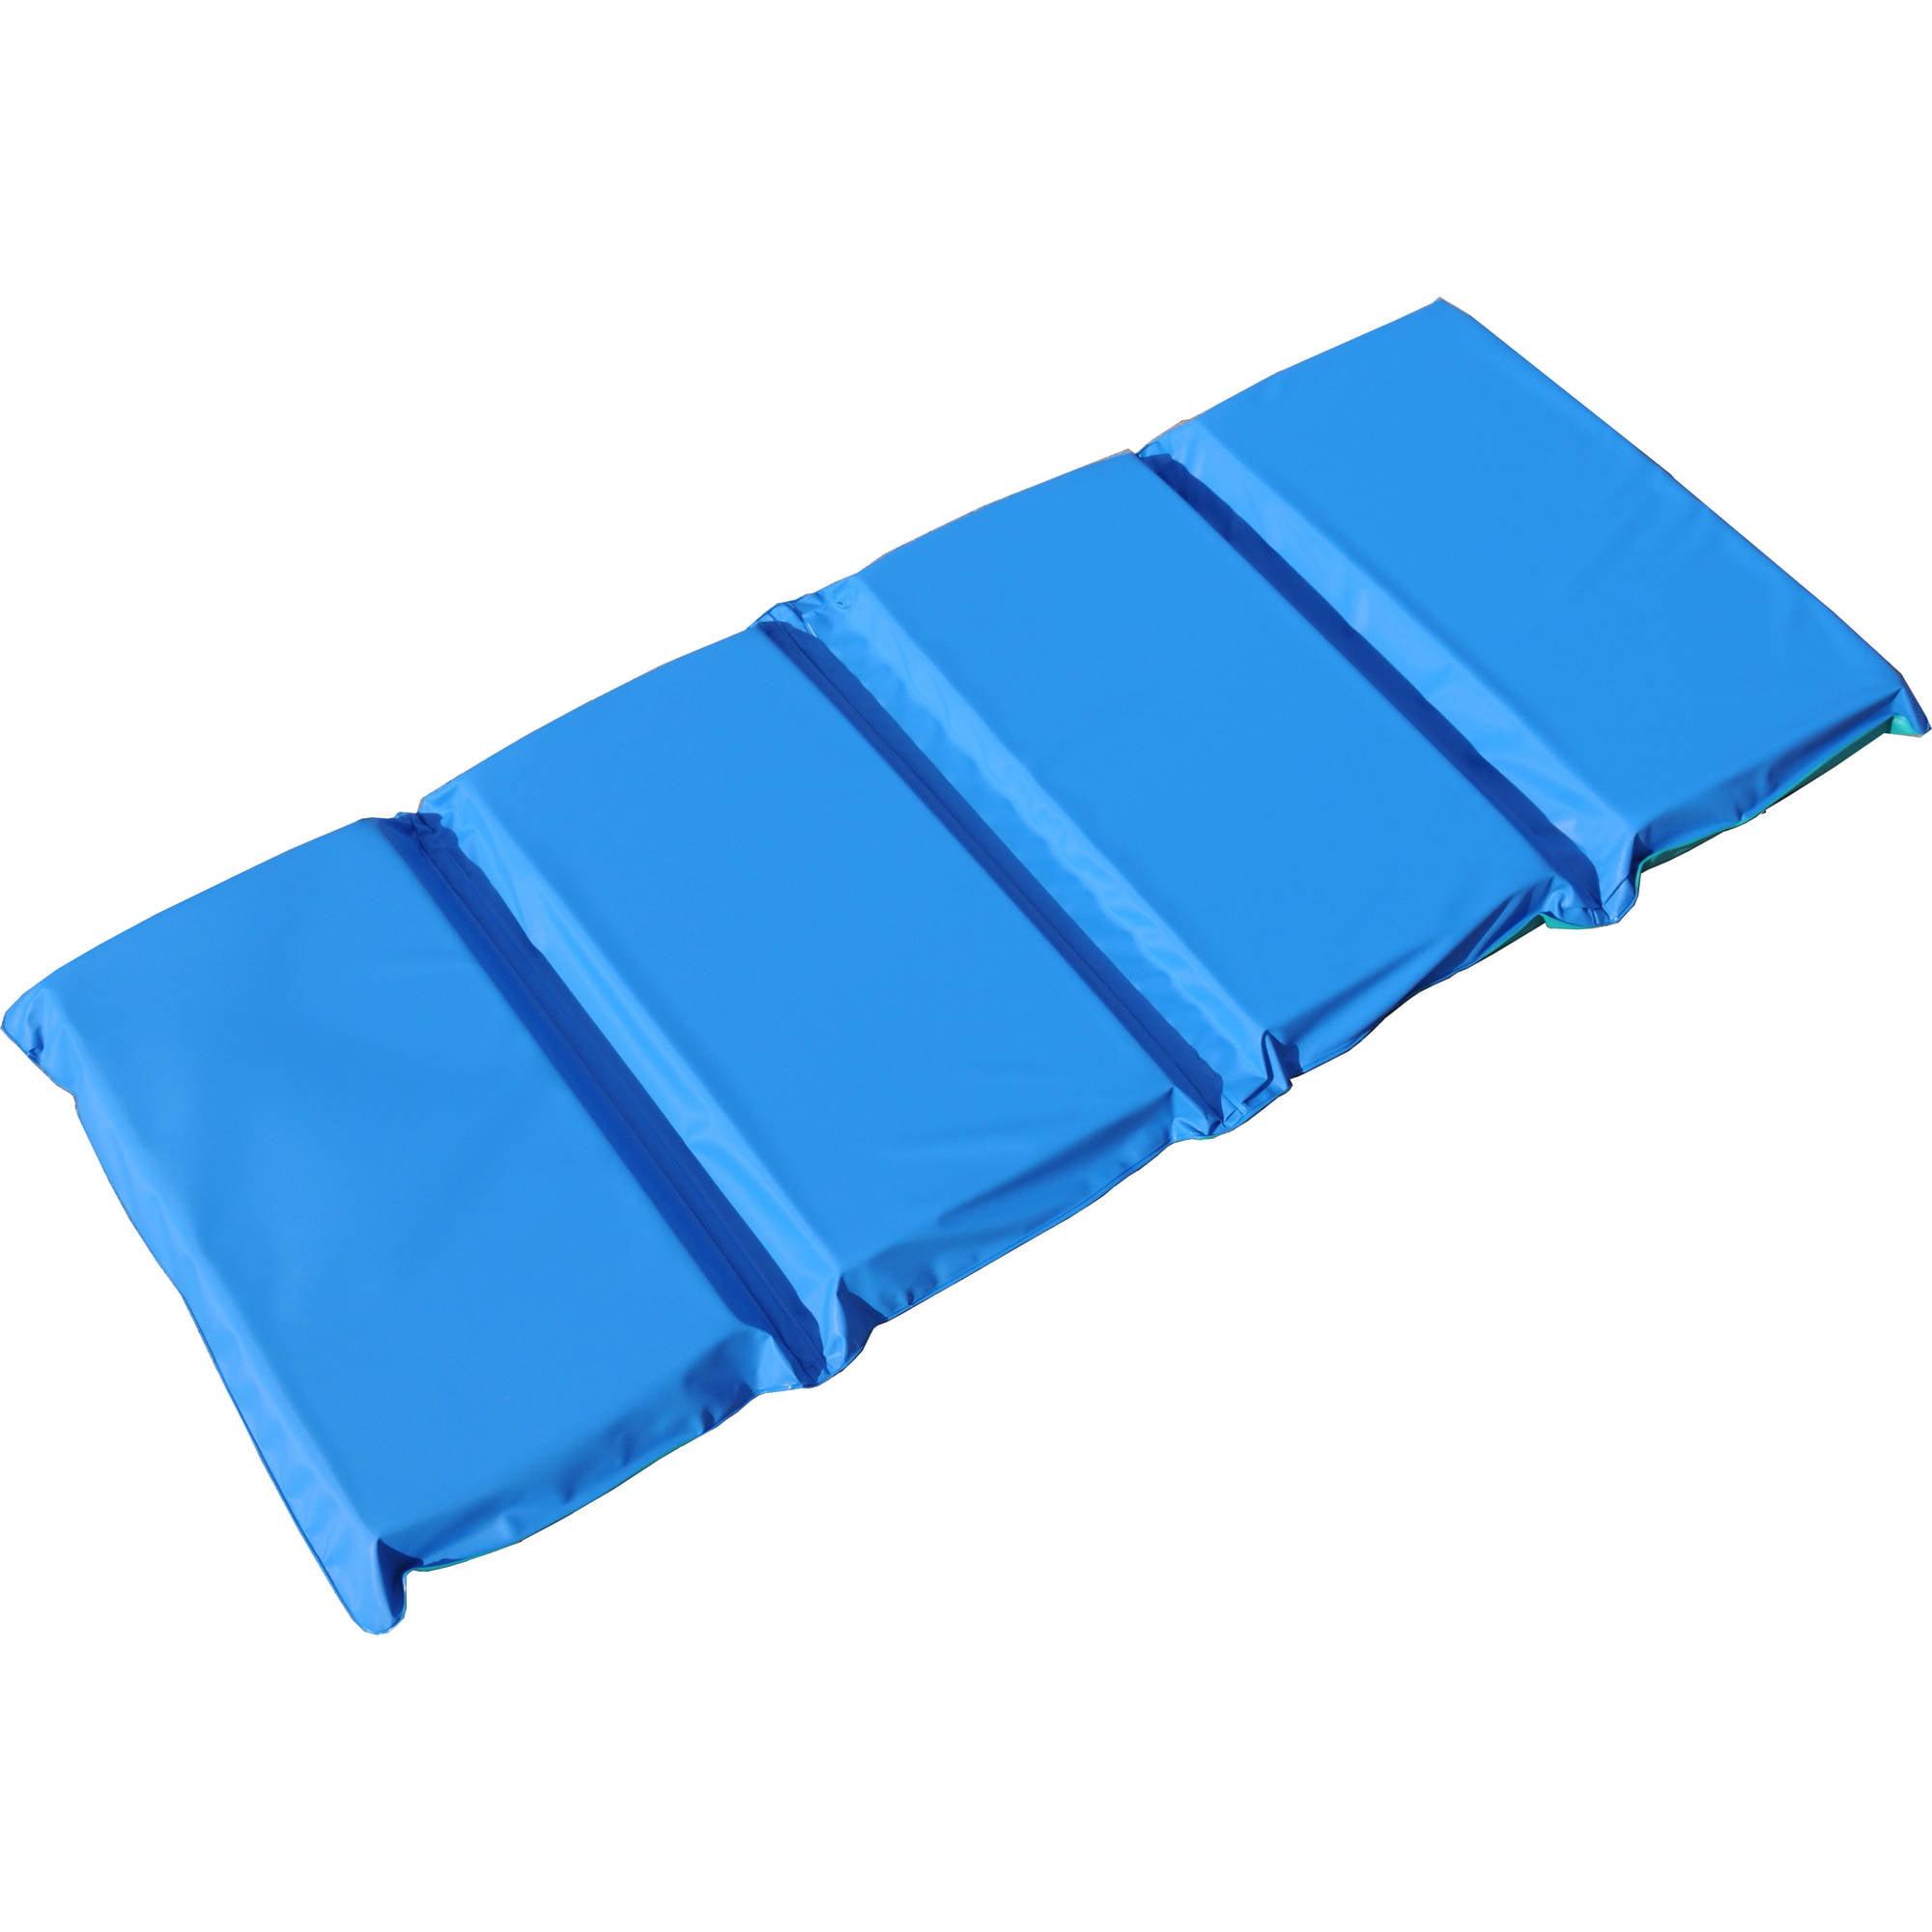 """Peerless Plastics Blue/Teal KinderMat, 2"""" x 19"""" x 44"""